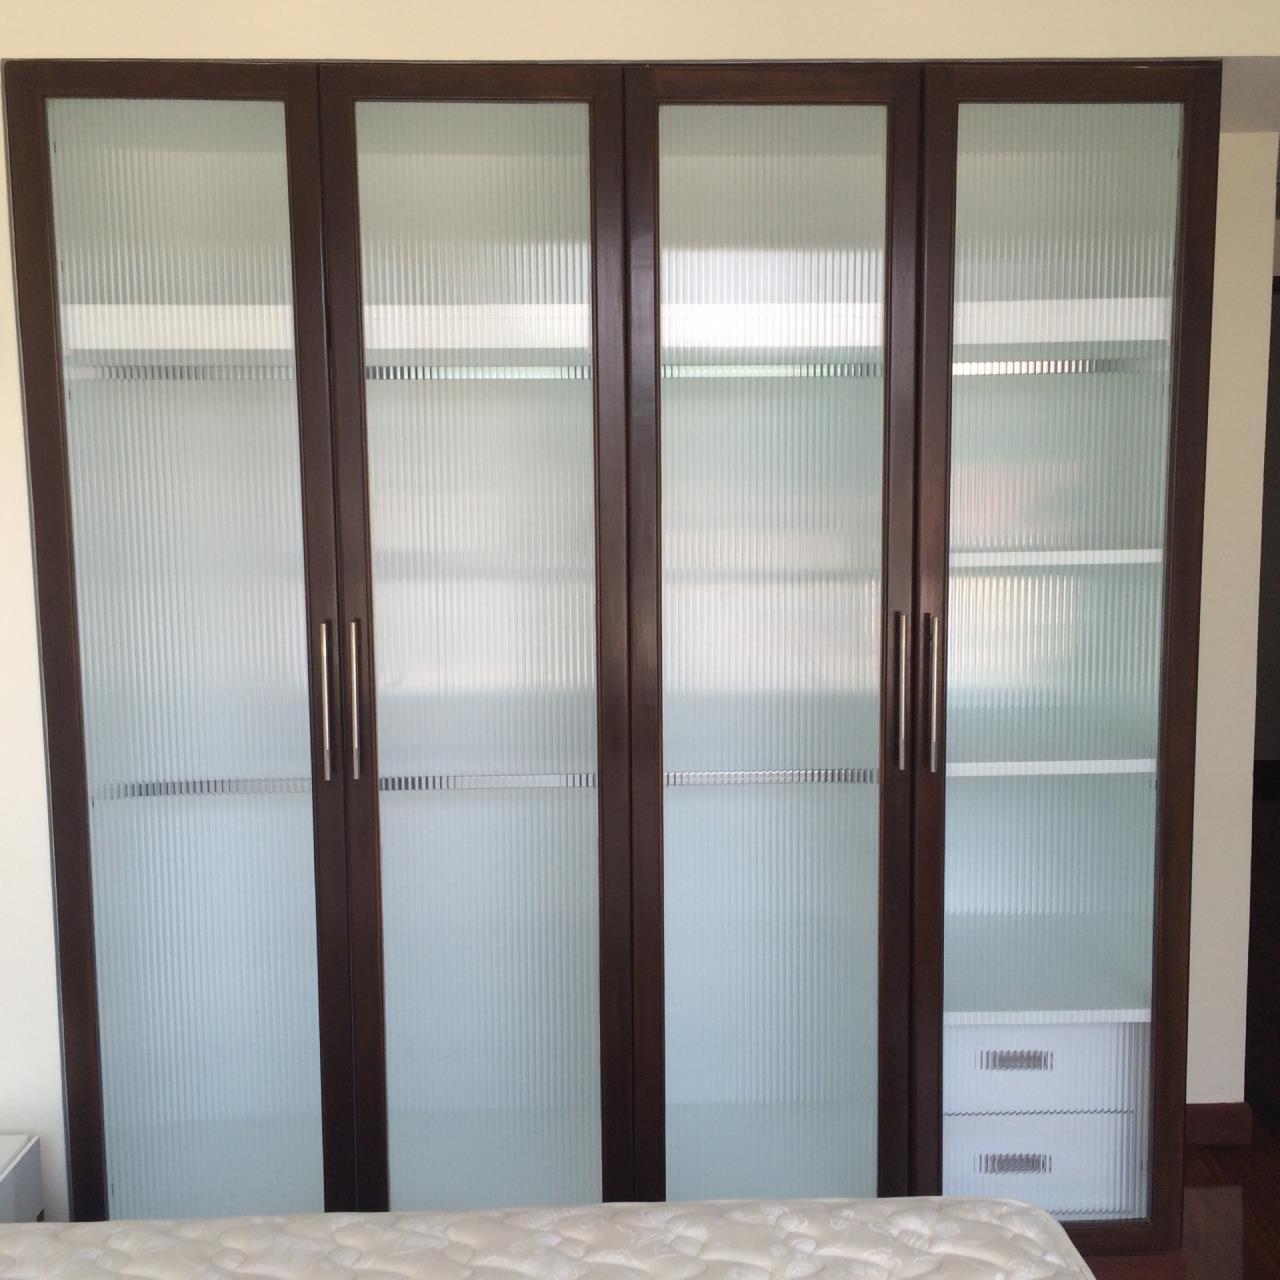 Quality Life Property Agency's 1-BEDROOM CONDO FOR RENT IN URBANA LANGSUAN 17 FOOR 6